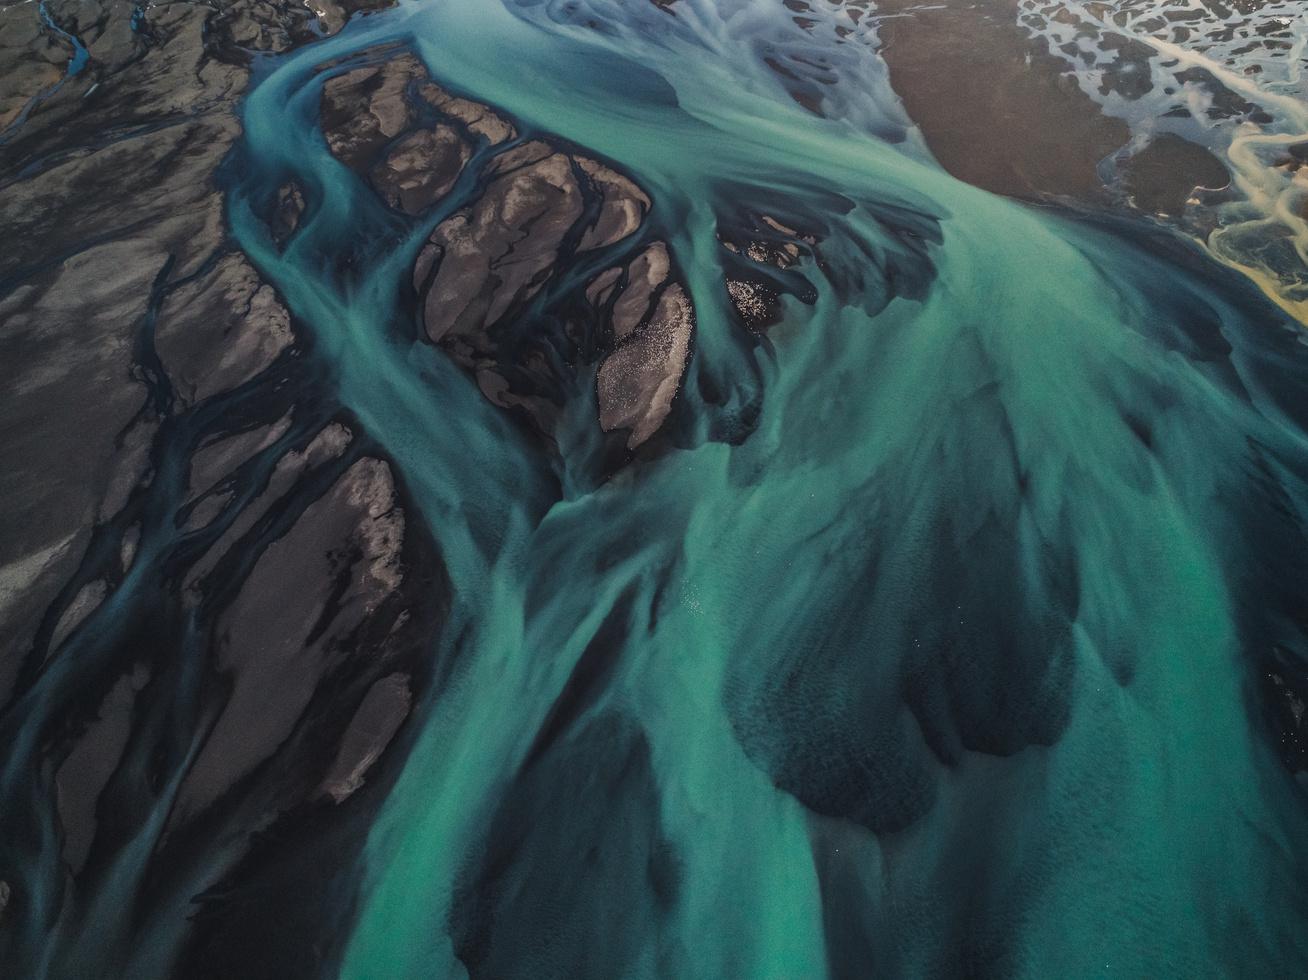 izlandi fotózás nyyitó